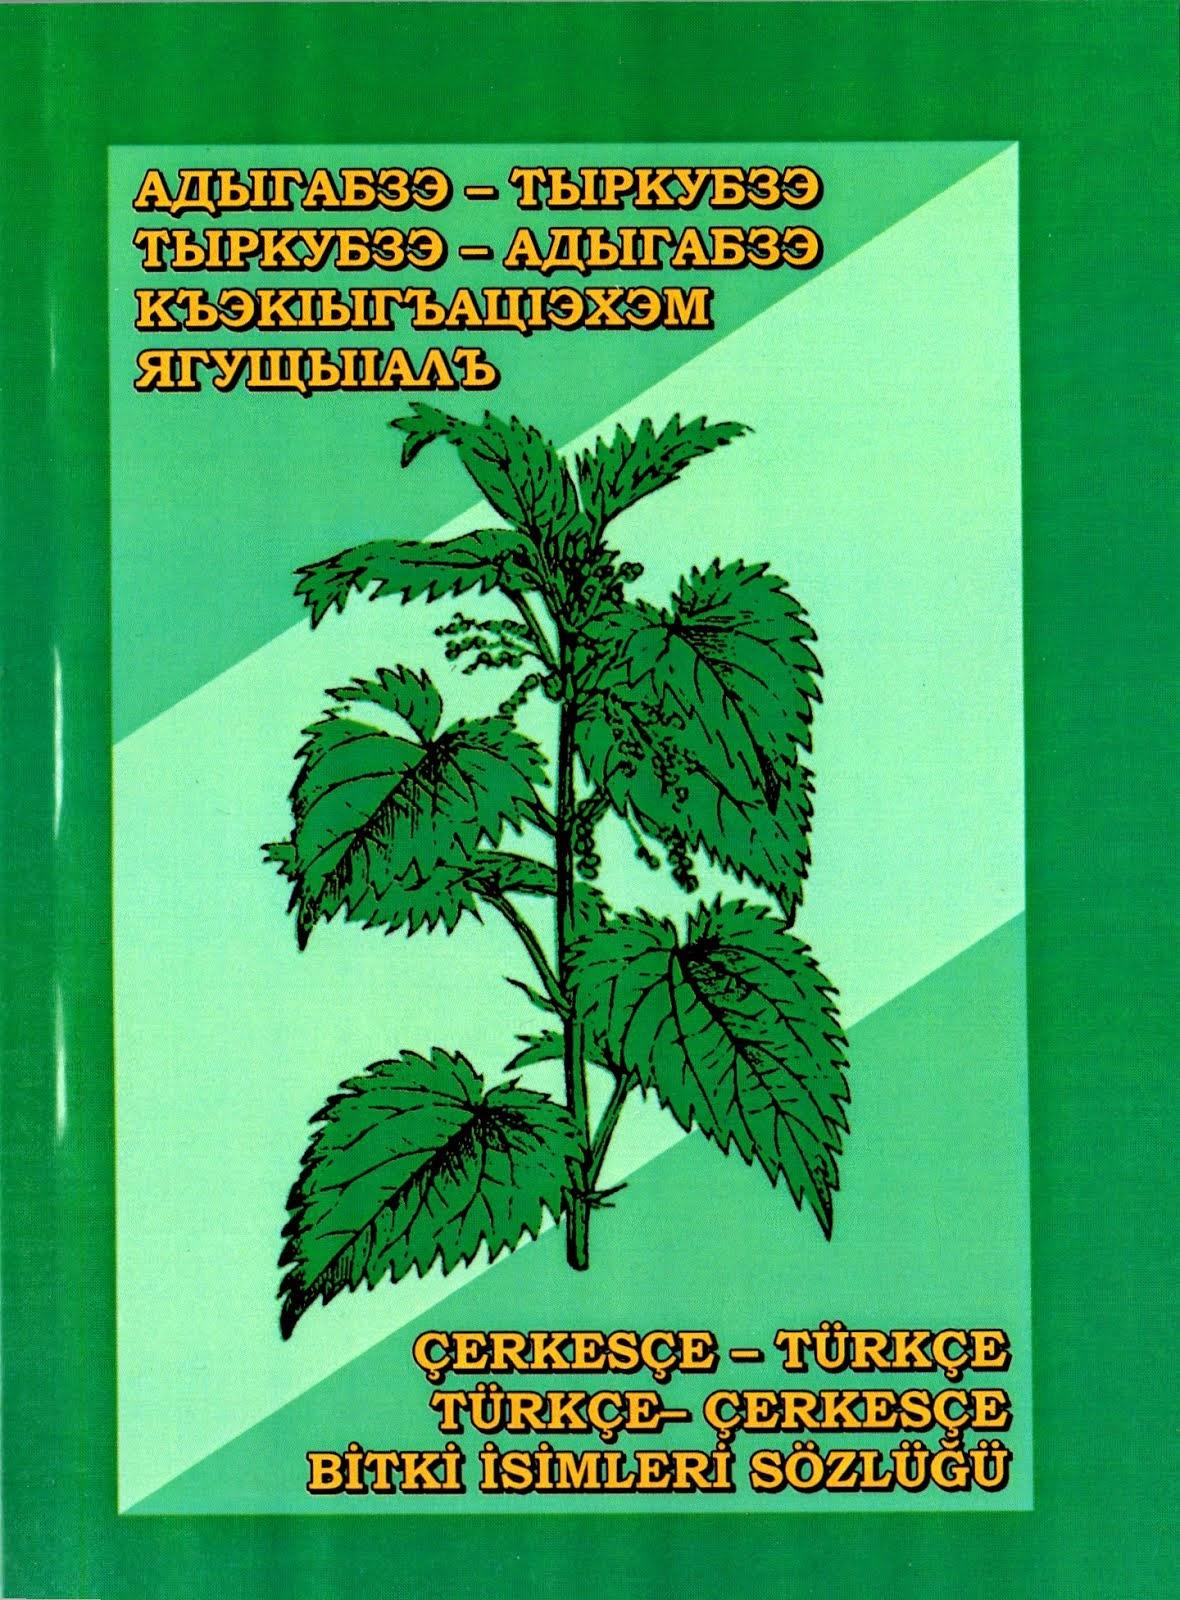 Bitki İsimleri Sözlüğü